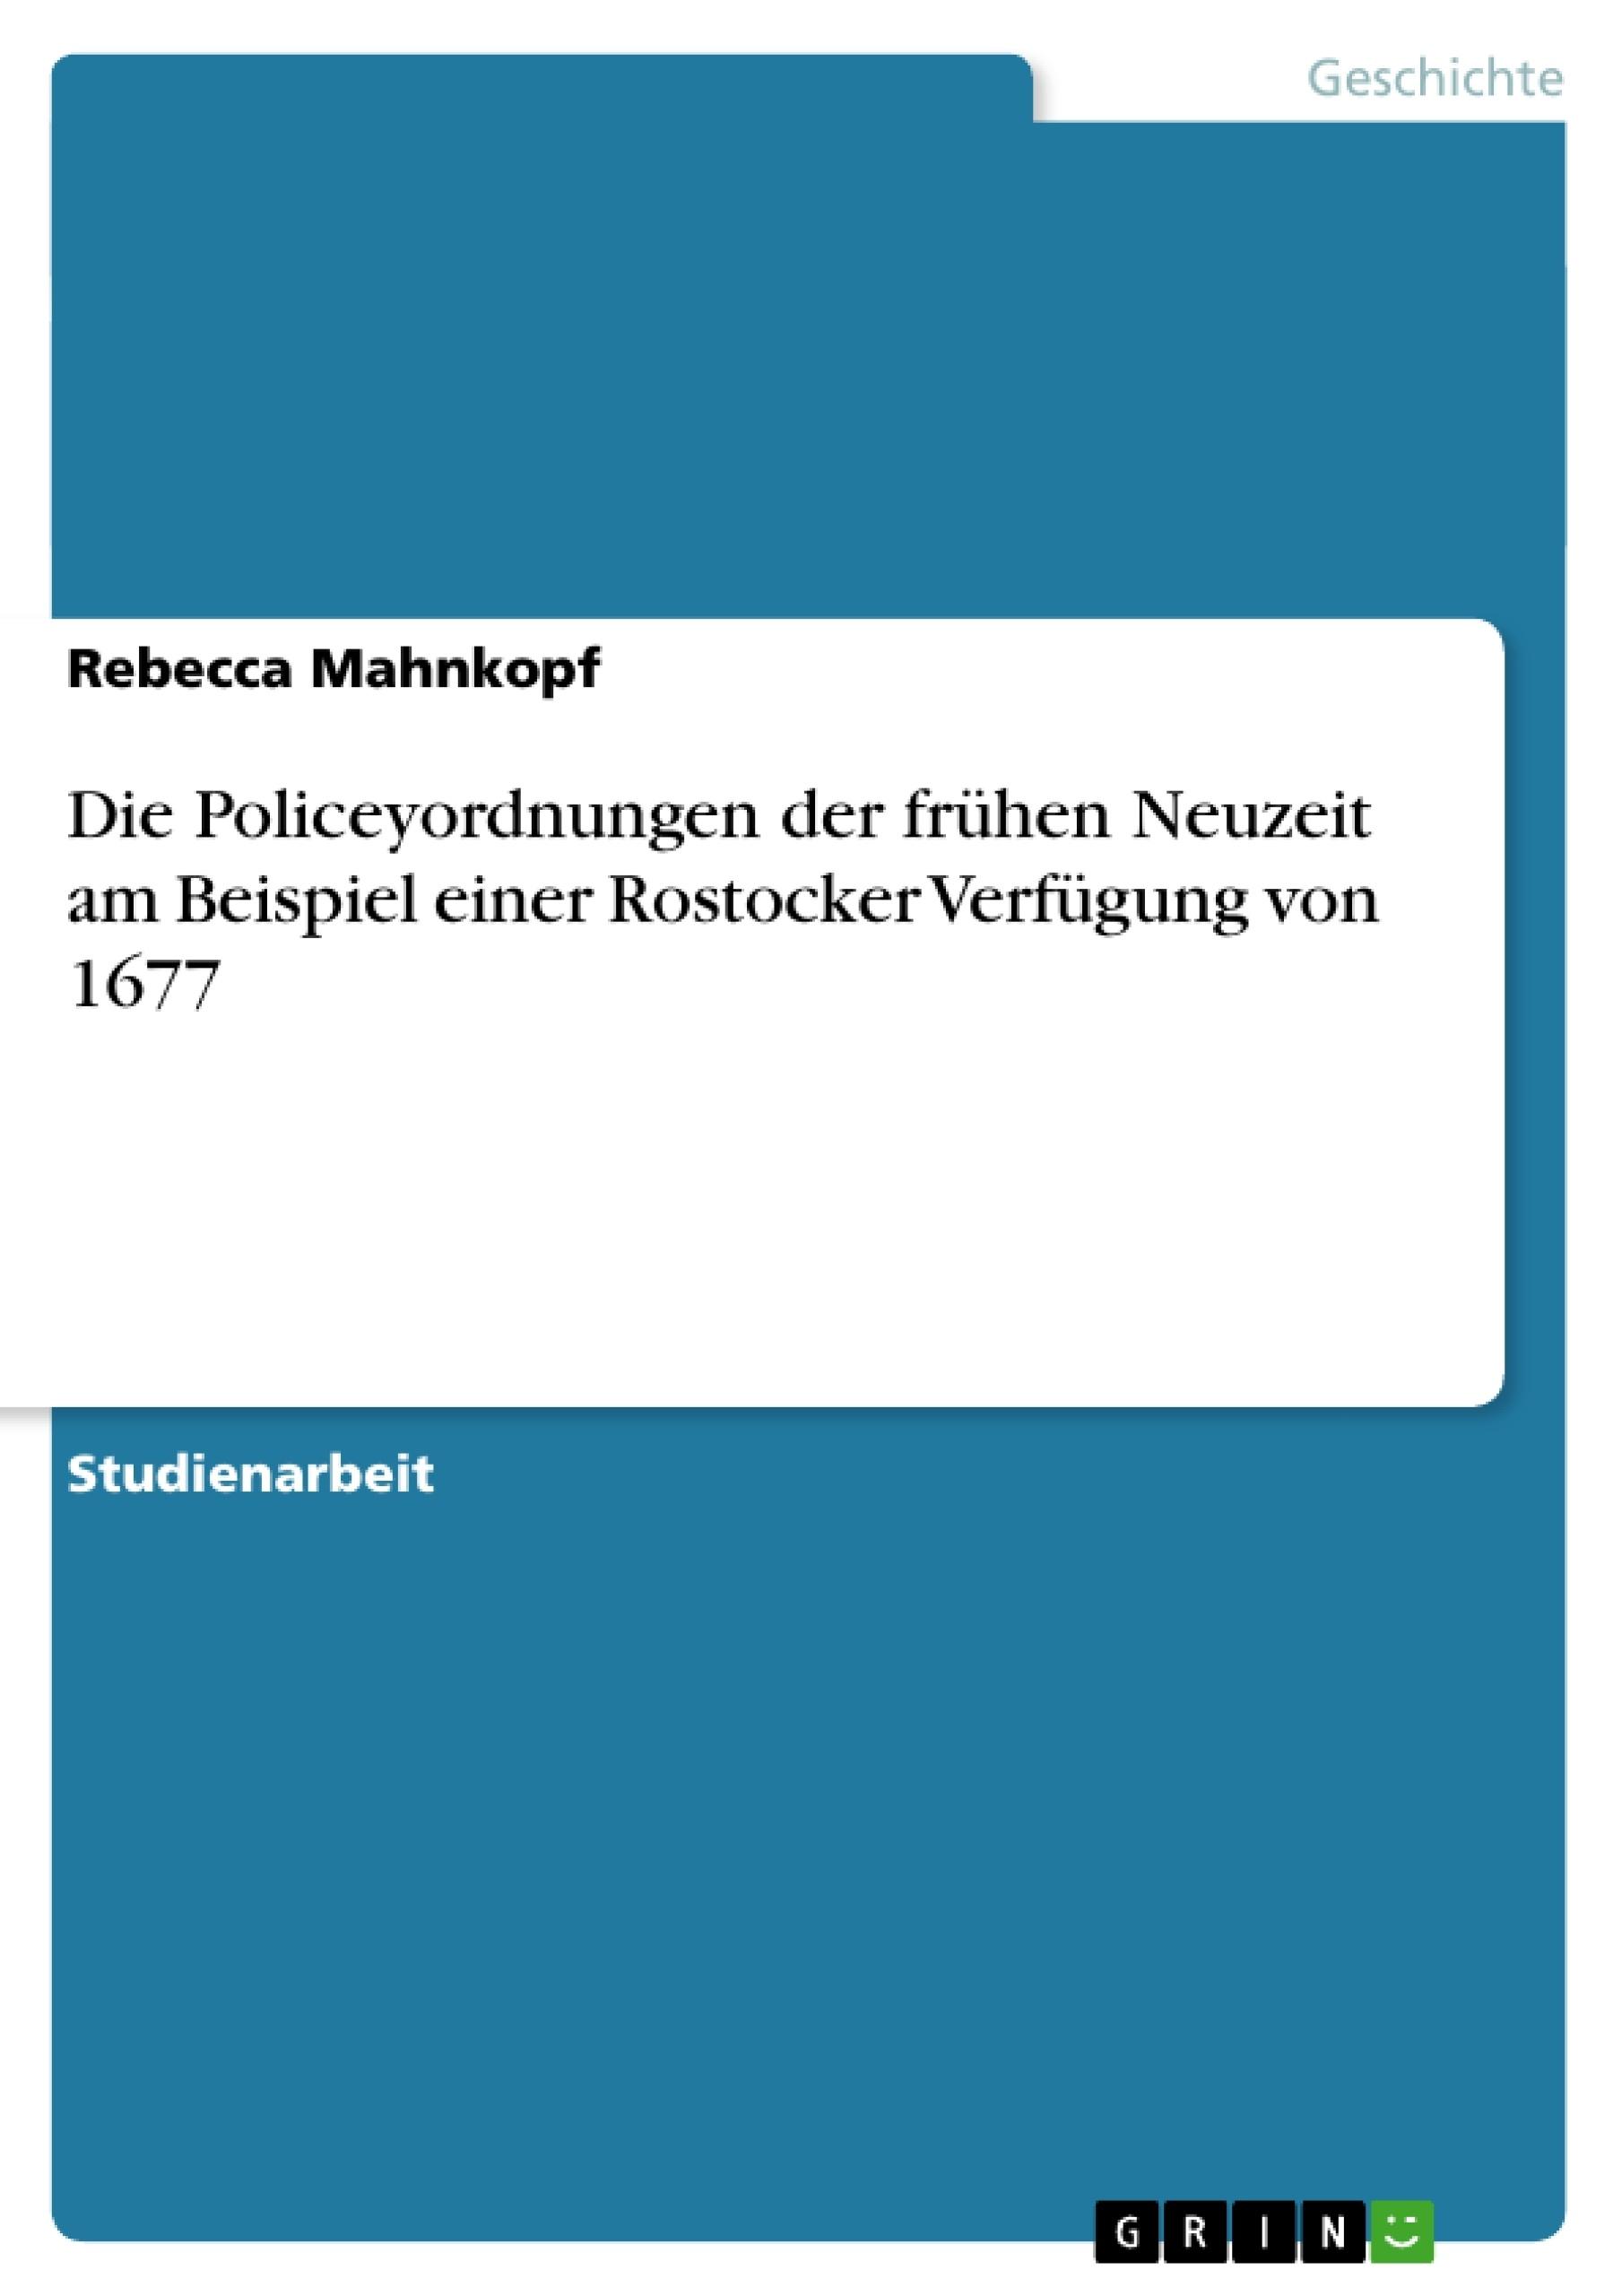 Titel: Die Policeyordnungen der frühen Neuzeit am Beispiel einer Rostocker Verfügung von 1677